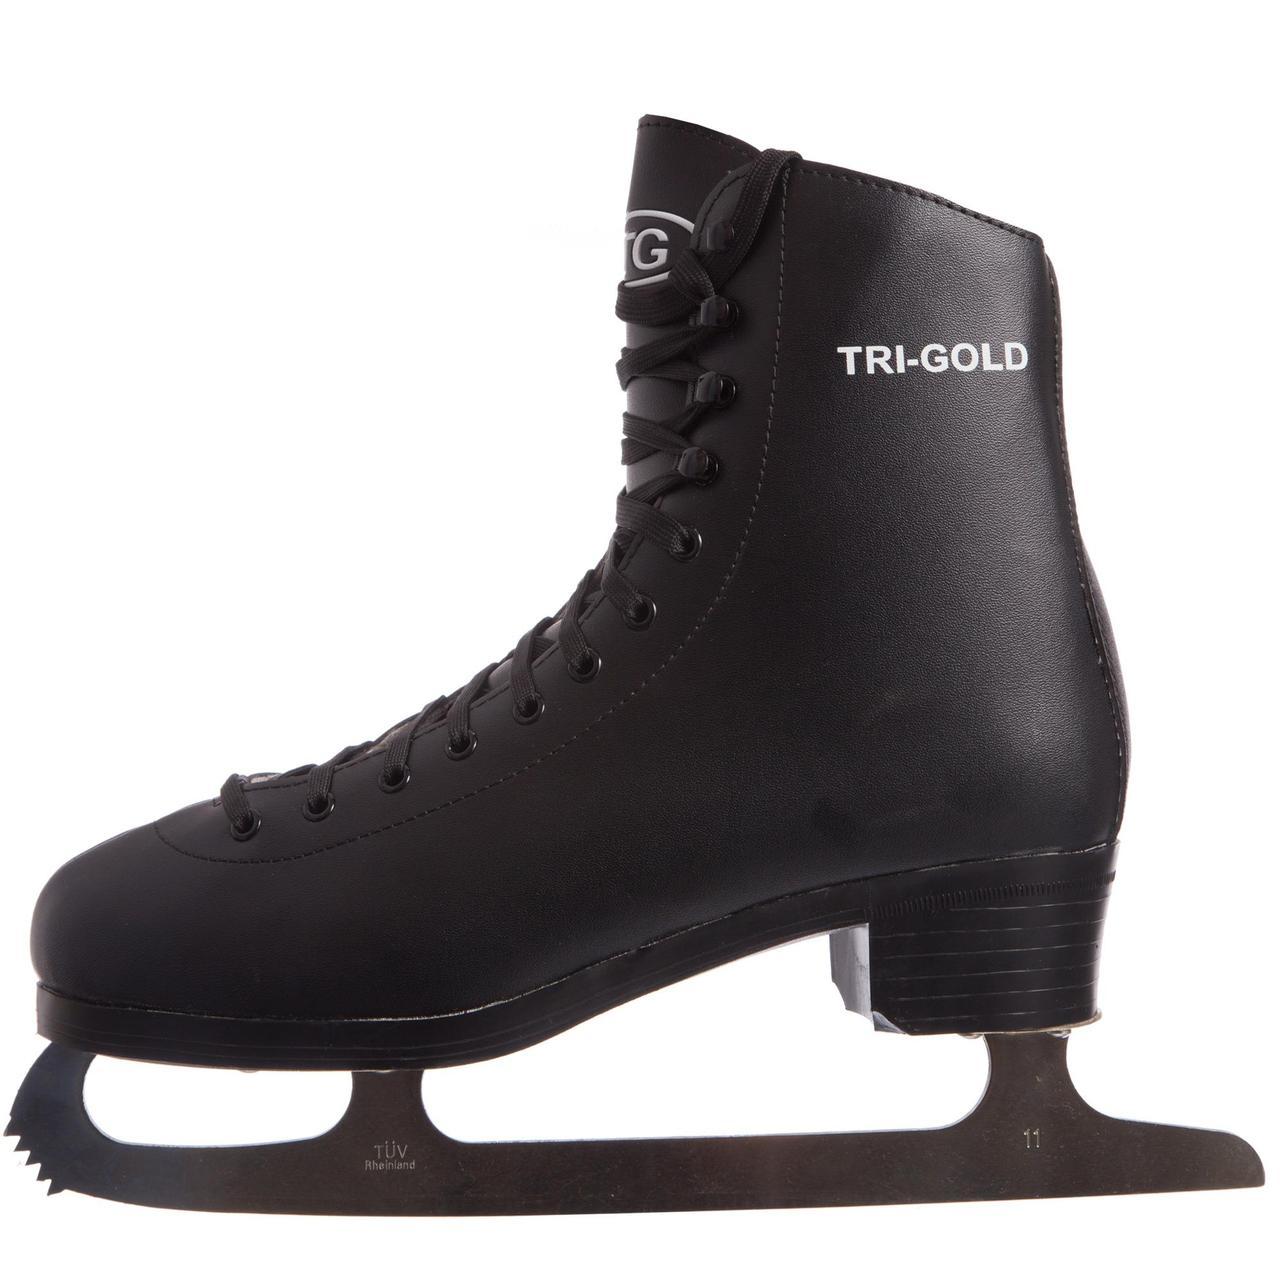 Ковзани фігурні чорні PVC TG-FO333B (р-р 42-45, лезо-сталь, чорний)